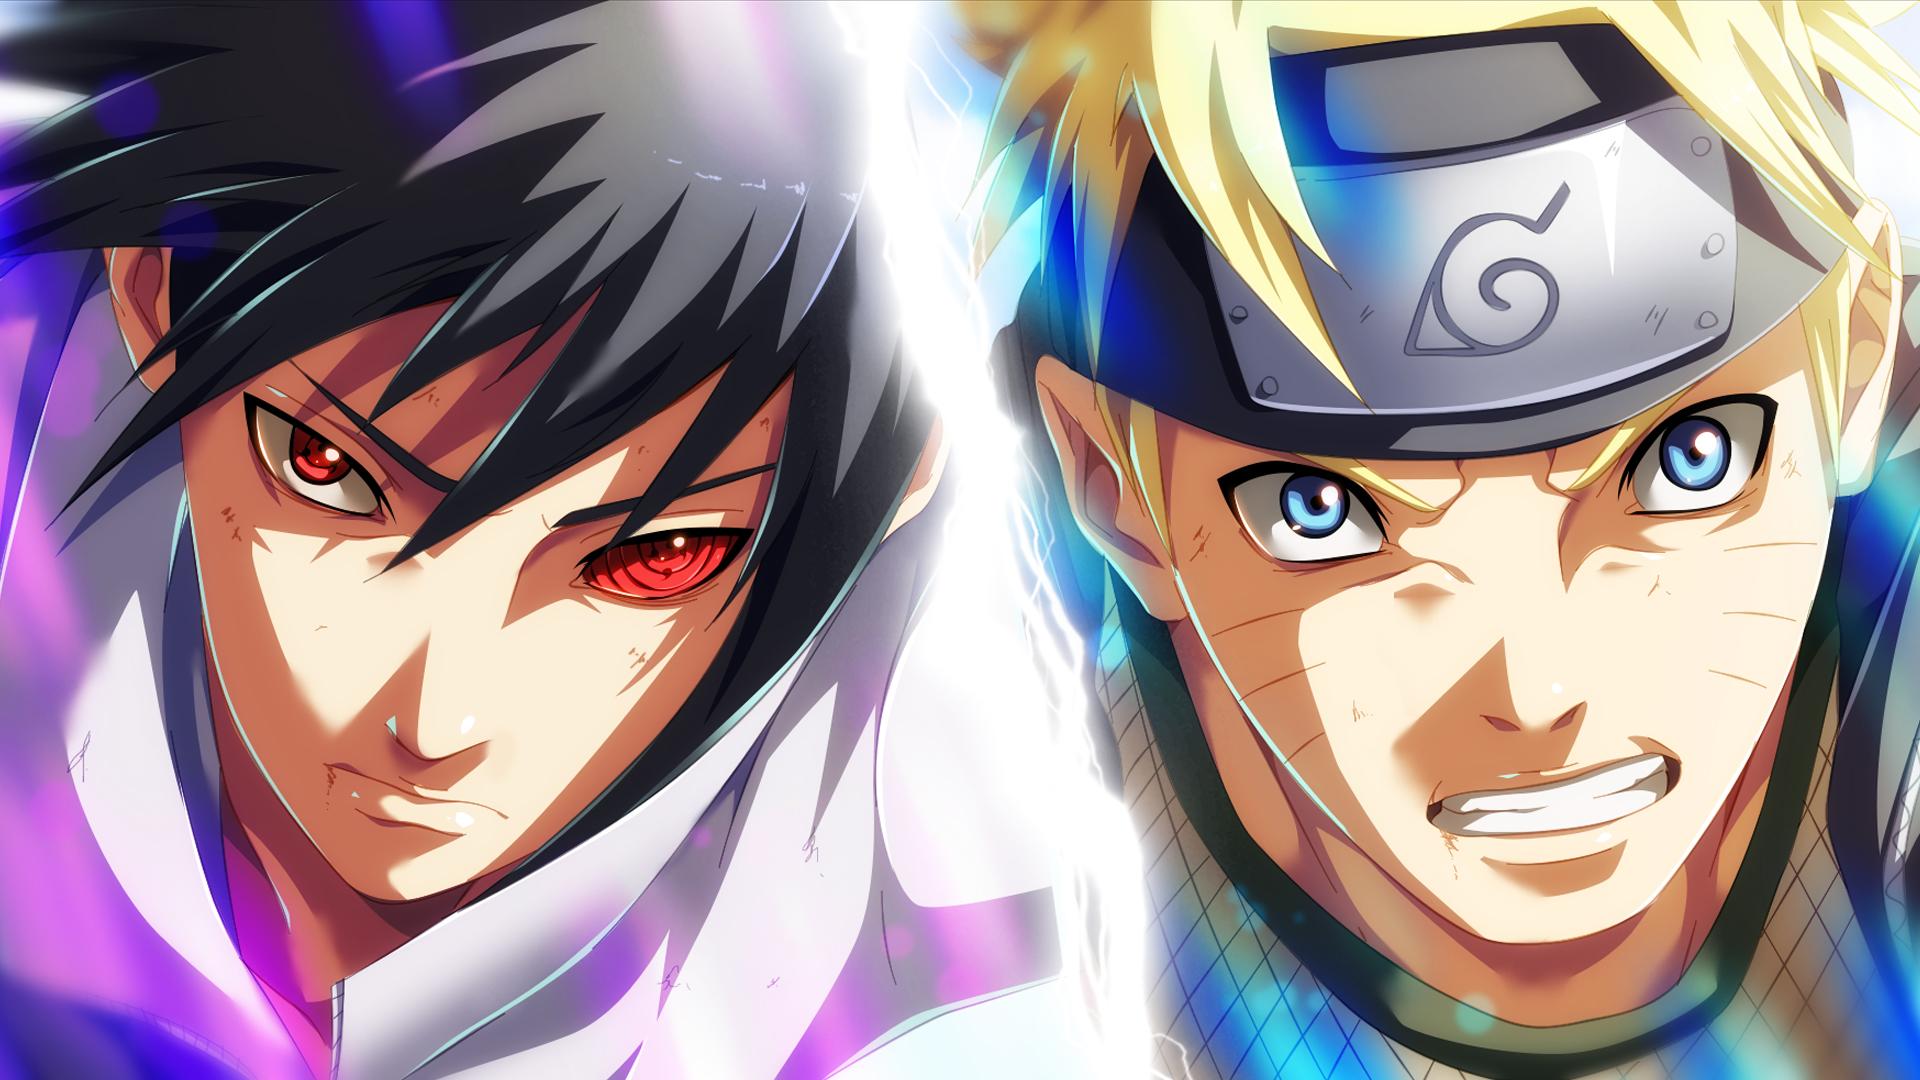 Naruto Sasuke Wallpaper Hs - Sasuke E Naruto Hd - HD Wallpaper